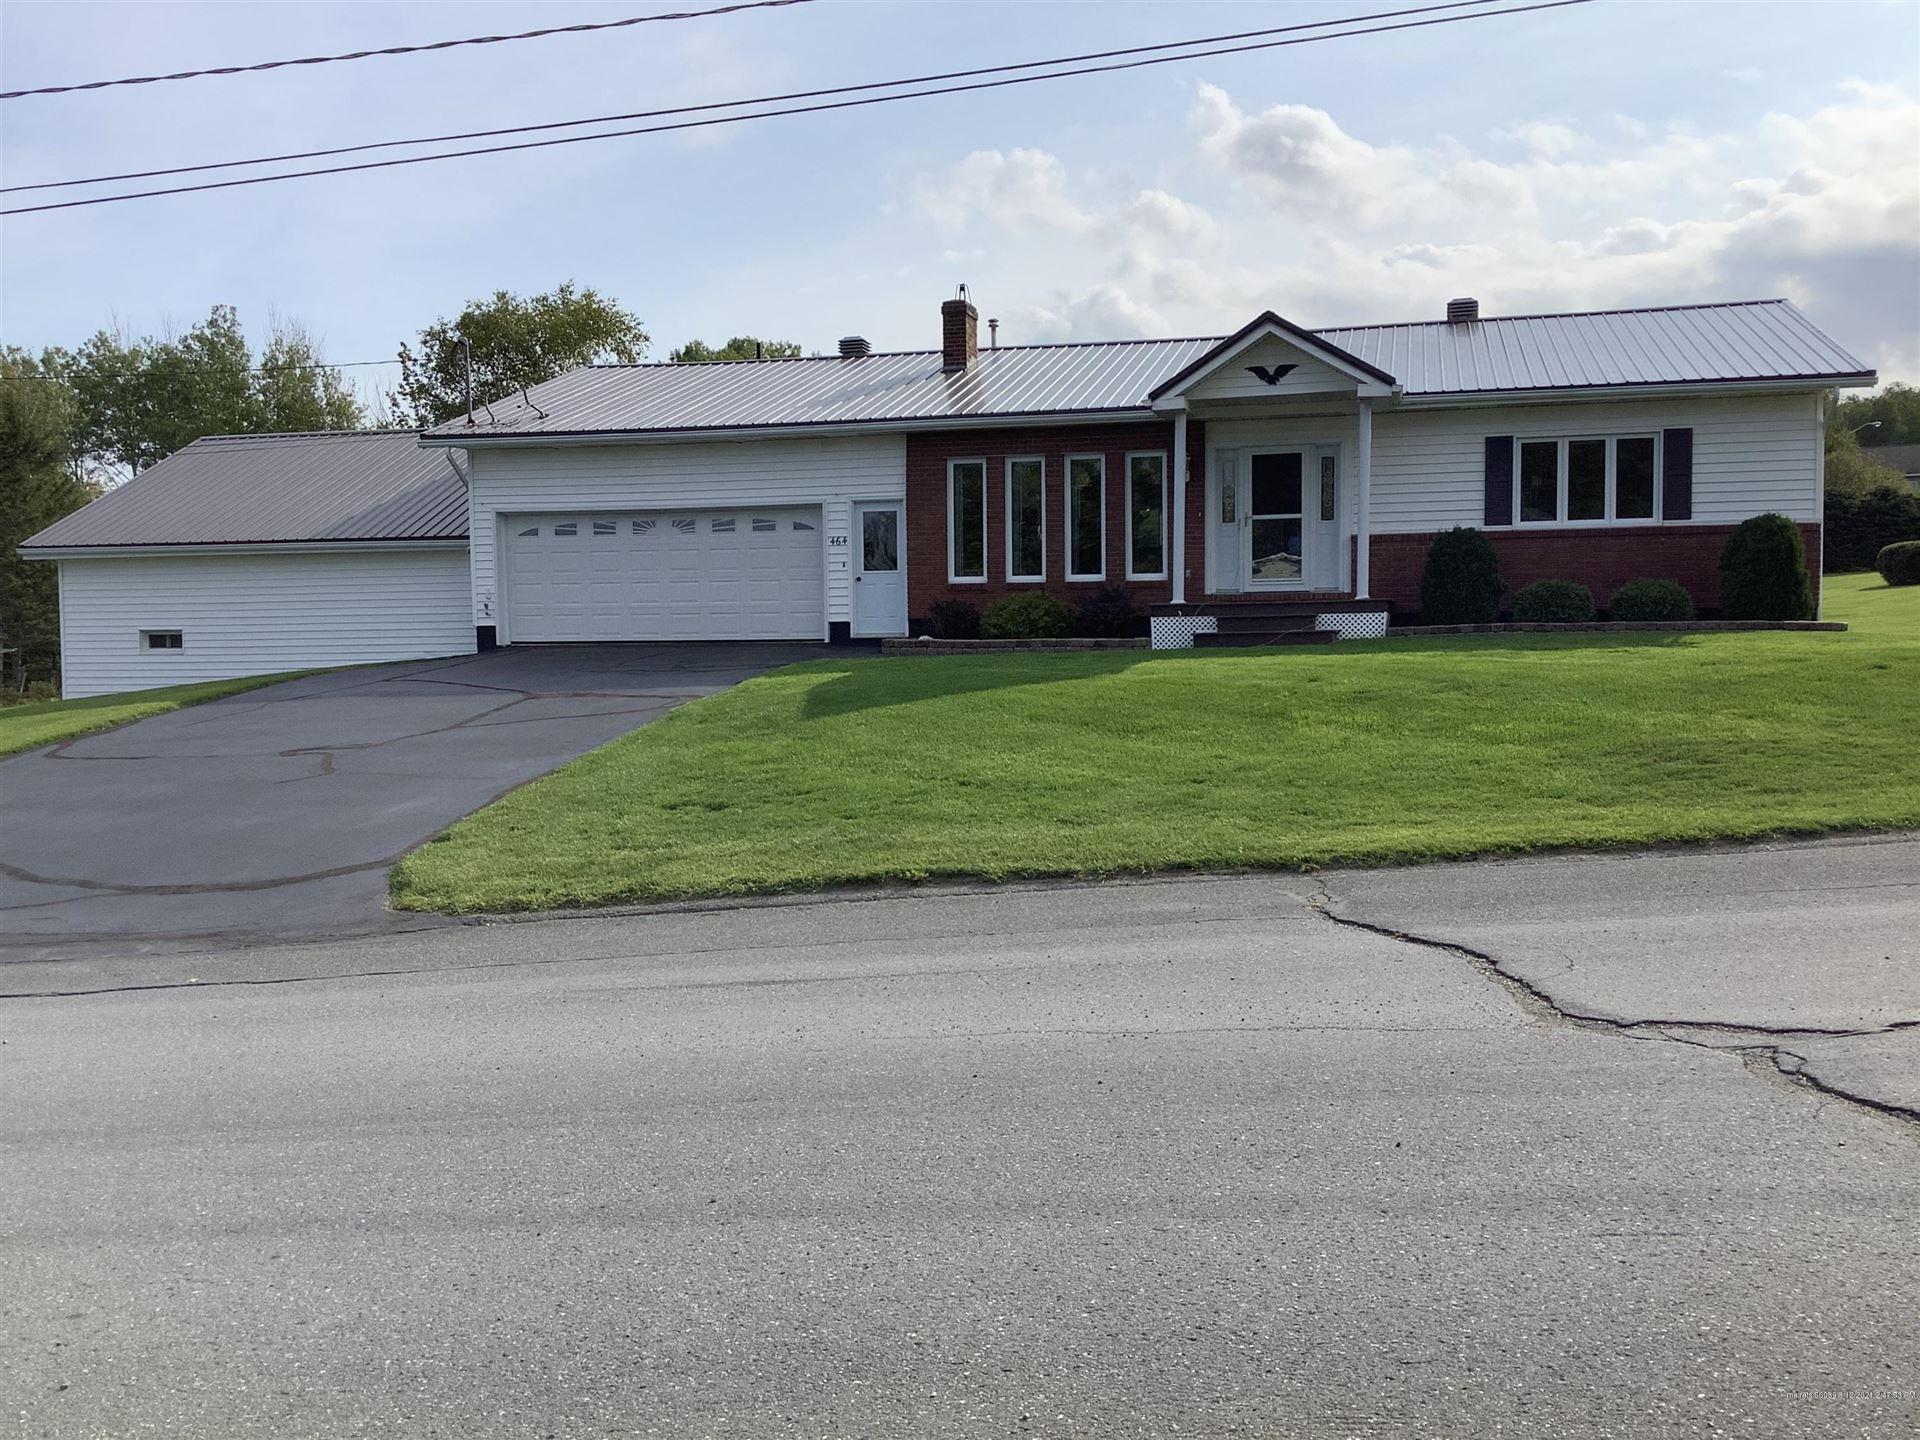 Photo of 464 Grandview Avenue, Madawaska, ME 04756 (MLS # 1484182)